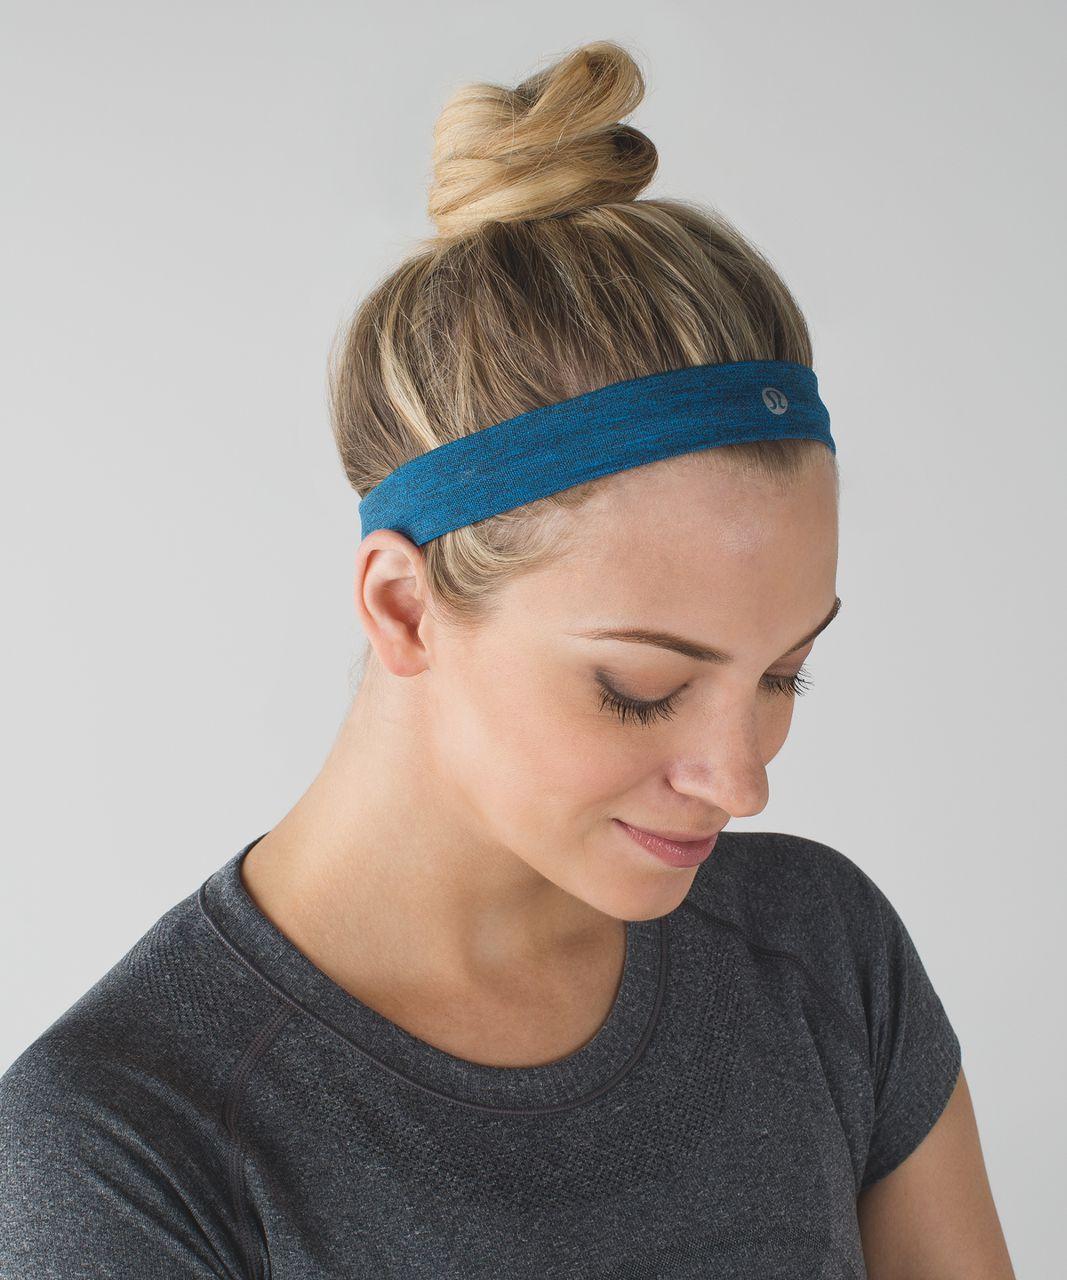 Lululemon Cardio Cross Trainer Headband - Heathered Lakeside Blue